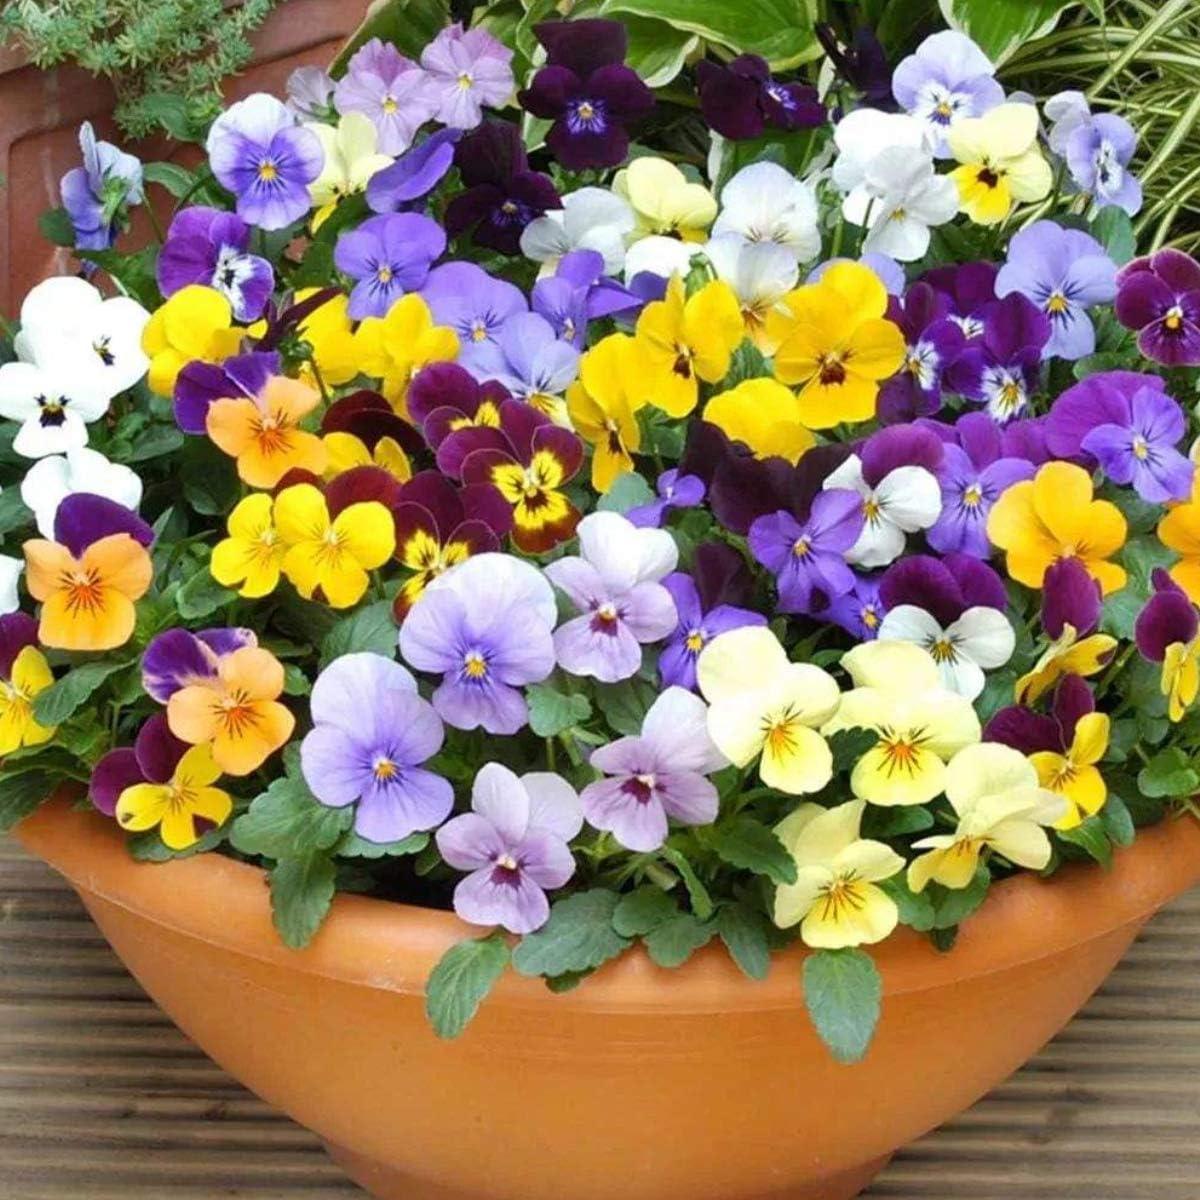 Cioler - Semillas de flores Pansy, 100 unidades, la violeta del pensamiento es una especie común de flores silvestres, flores ornamentales para el jardín de casa, 04